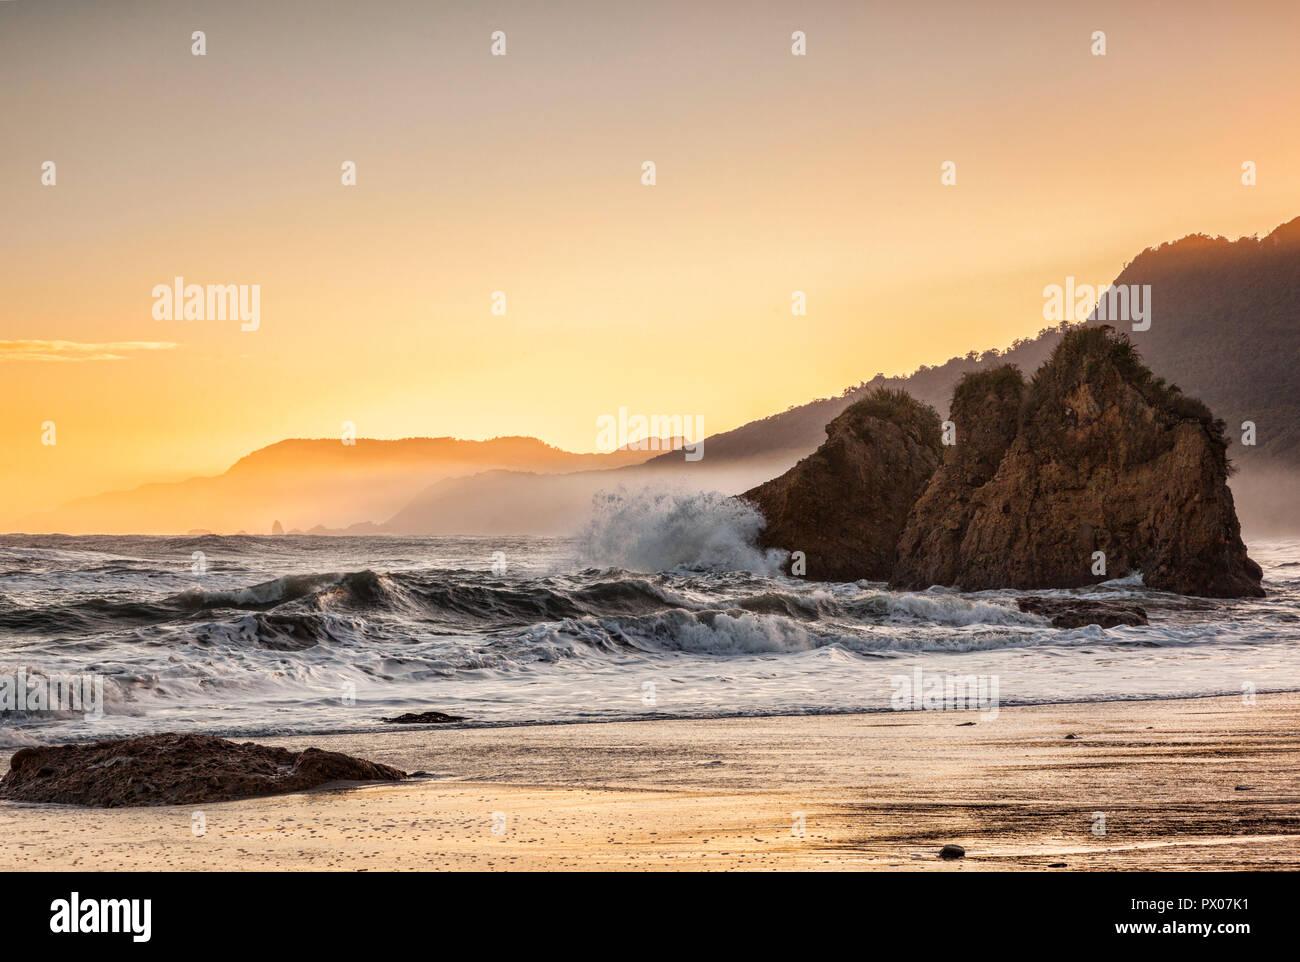 Eine wilde Morgen im Specht Bay, Paparoa National Park, West Coast, Neuseeland Stockbild